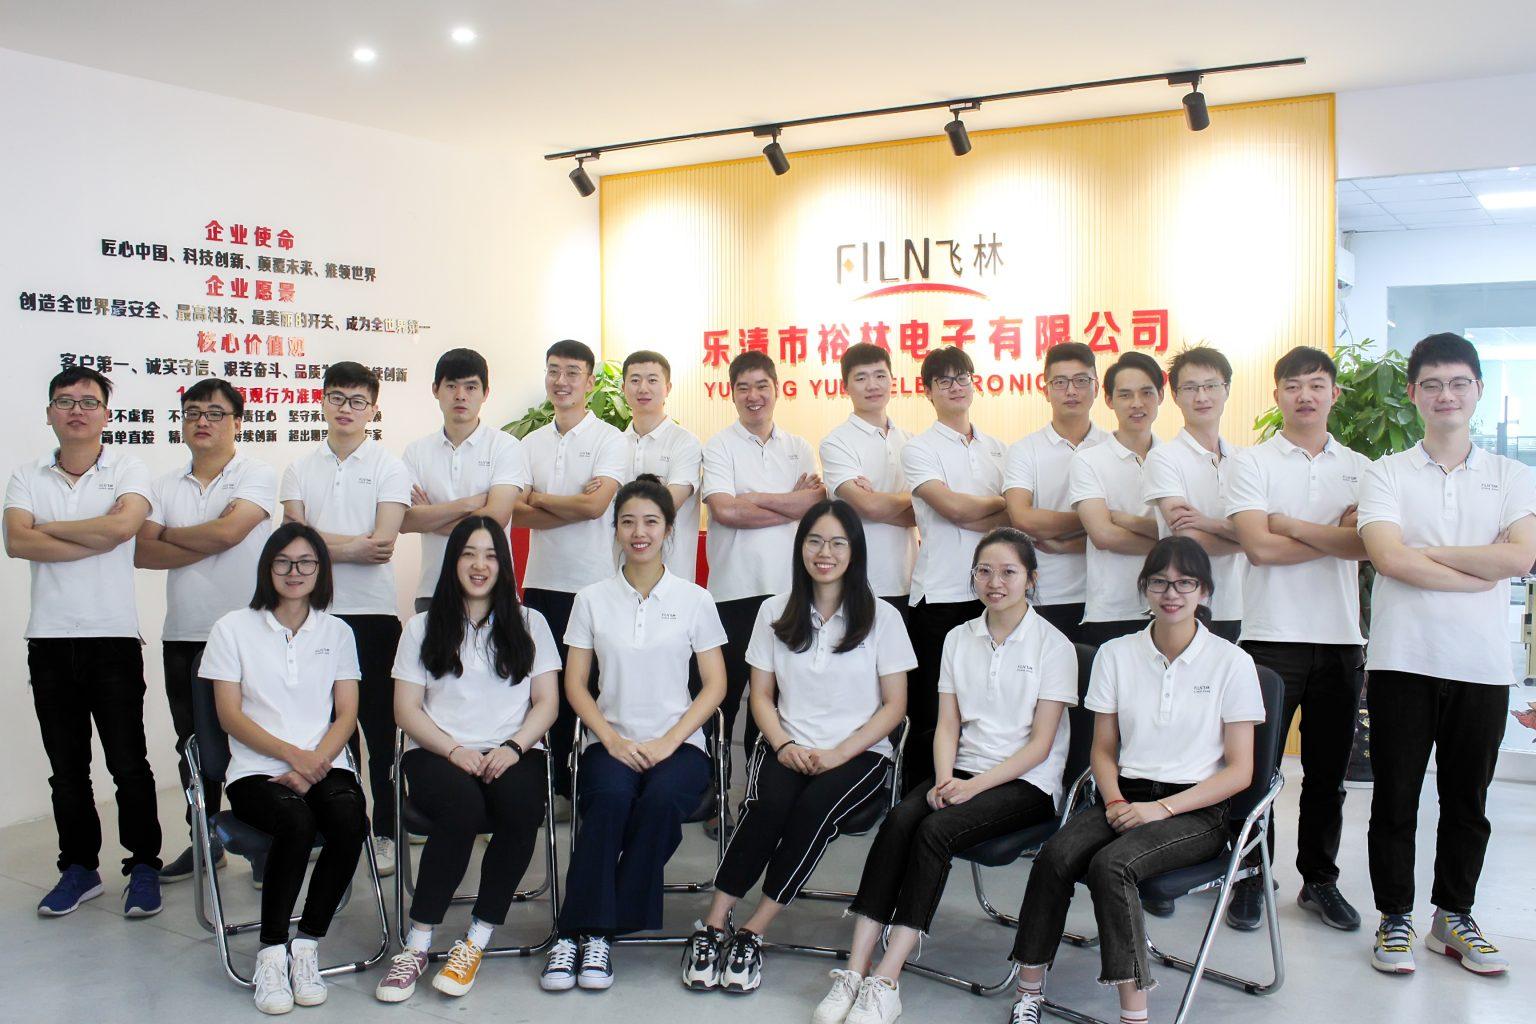 FILN Company Profile